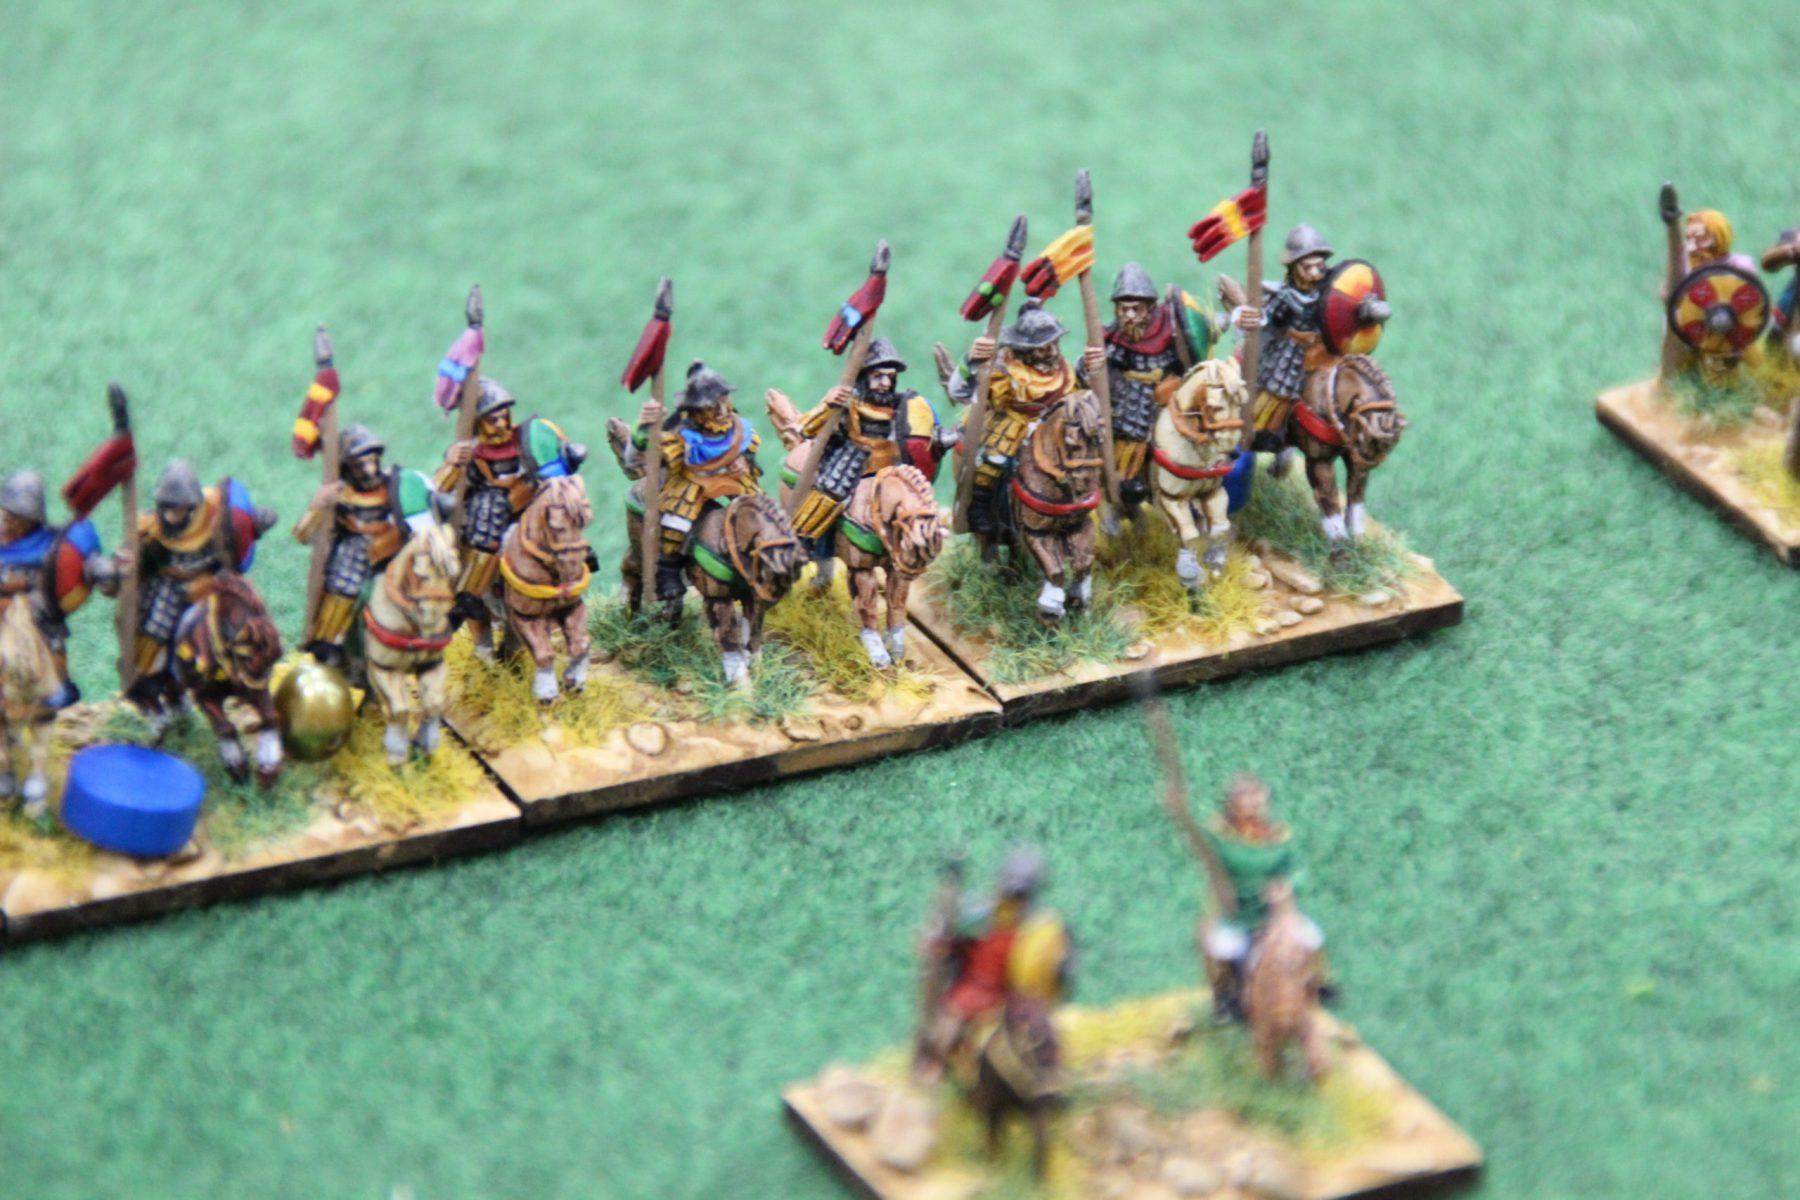 La cavalerie lourde des Francs s'apprête à charger l'ennemi.